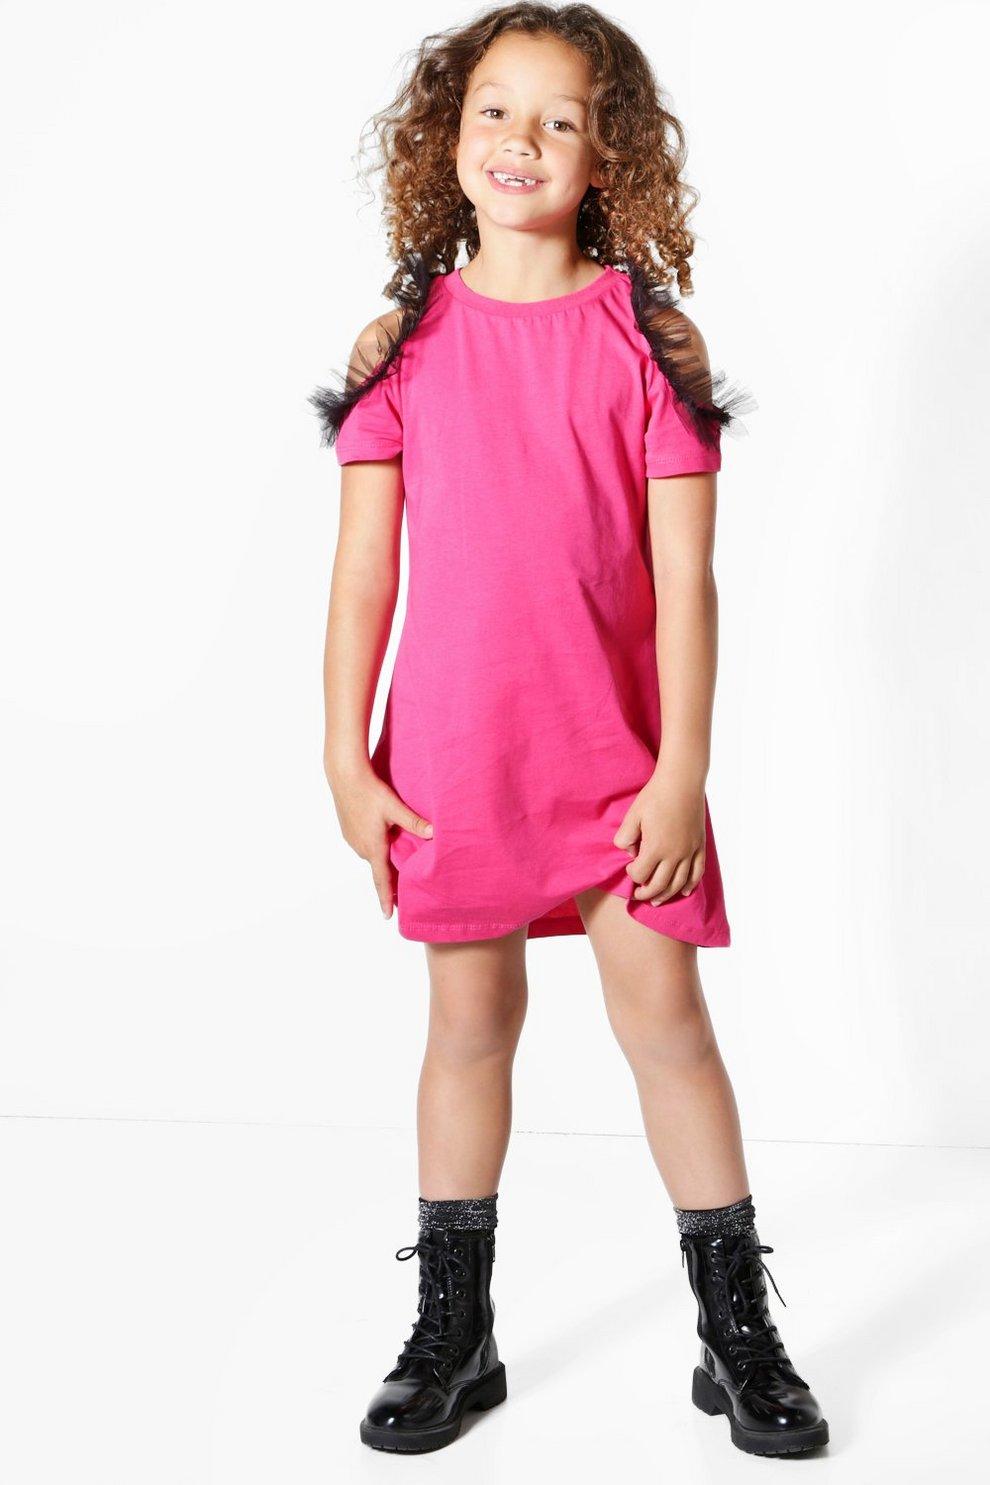 5c93d81a01 Girls Cold Shoulder Ruffle Mesh T-shirt Dress